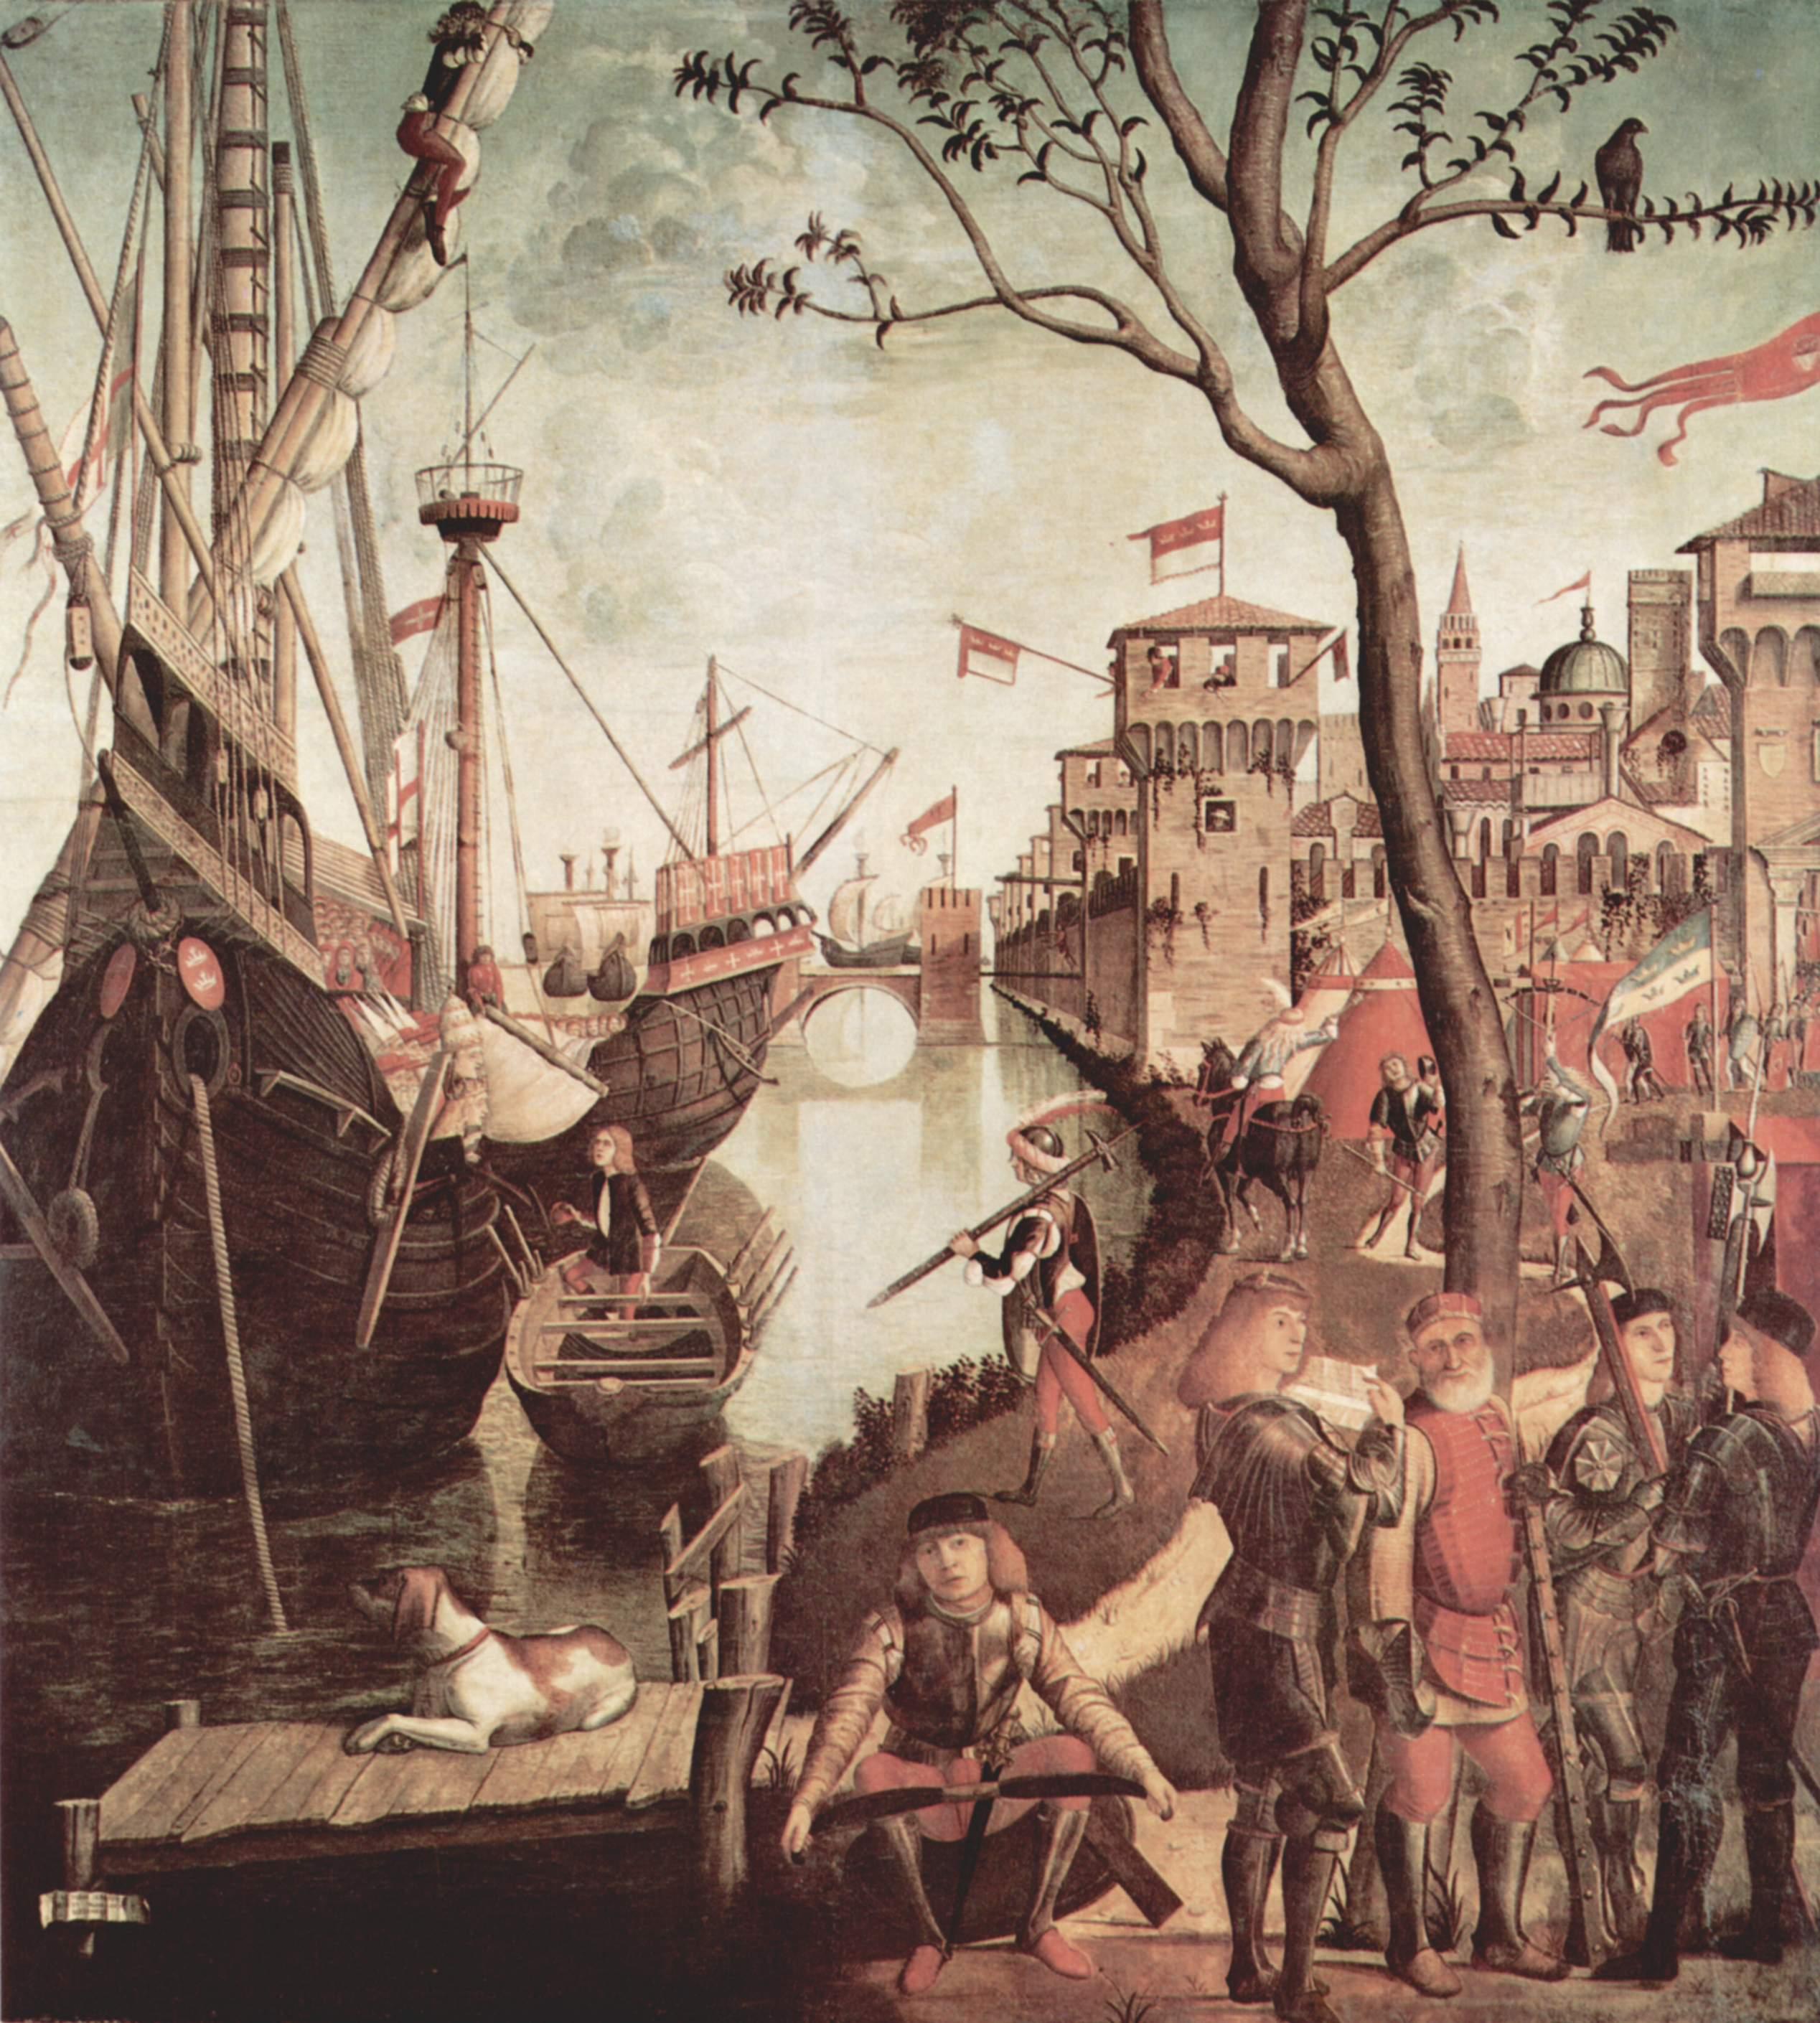 Цикл картин к житию св. Урсулы, прибытие в Кёльн, Витторе Карпаччо